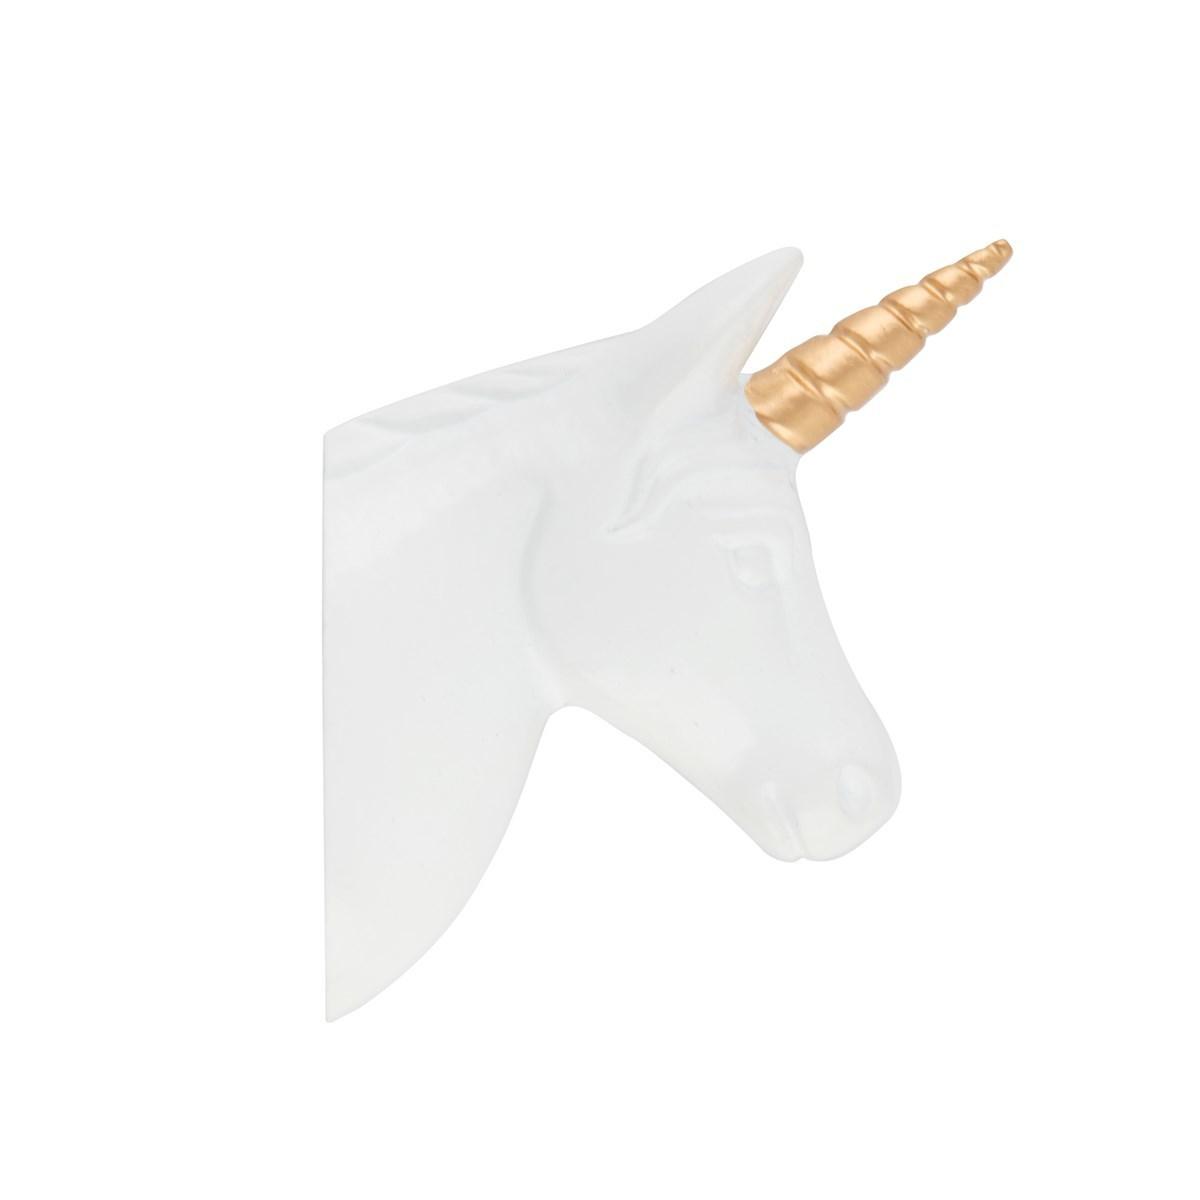 Stargazer Unicorn Hook image